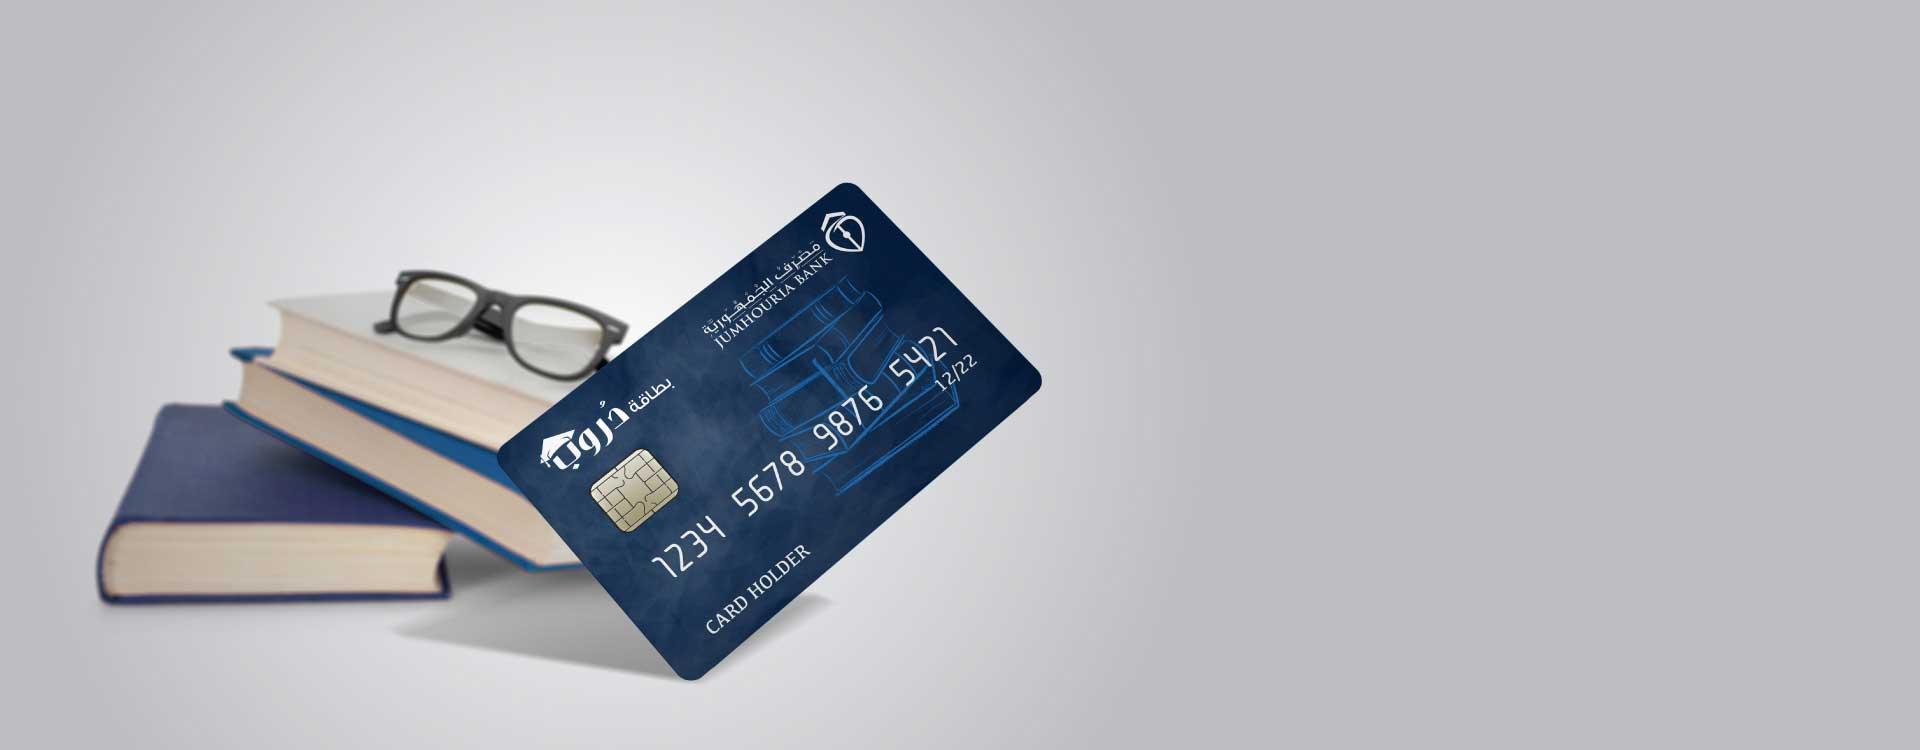 بطاقة دروب رفيقك لدرب النجاح